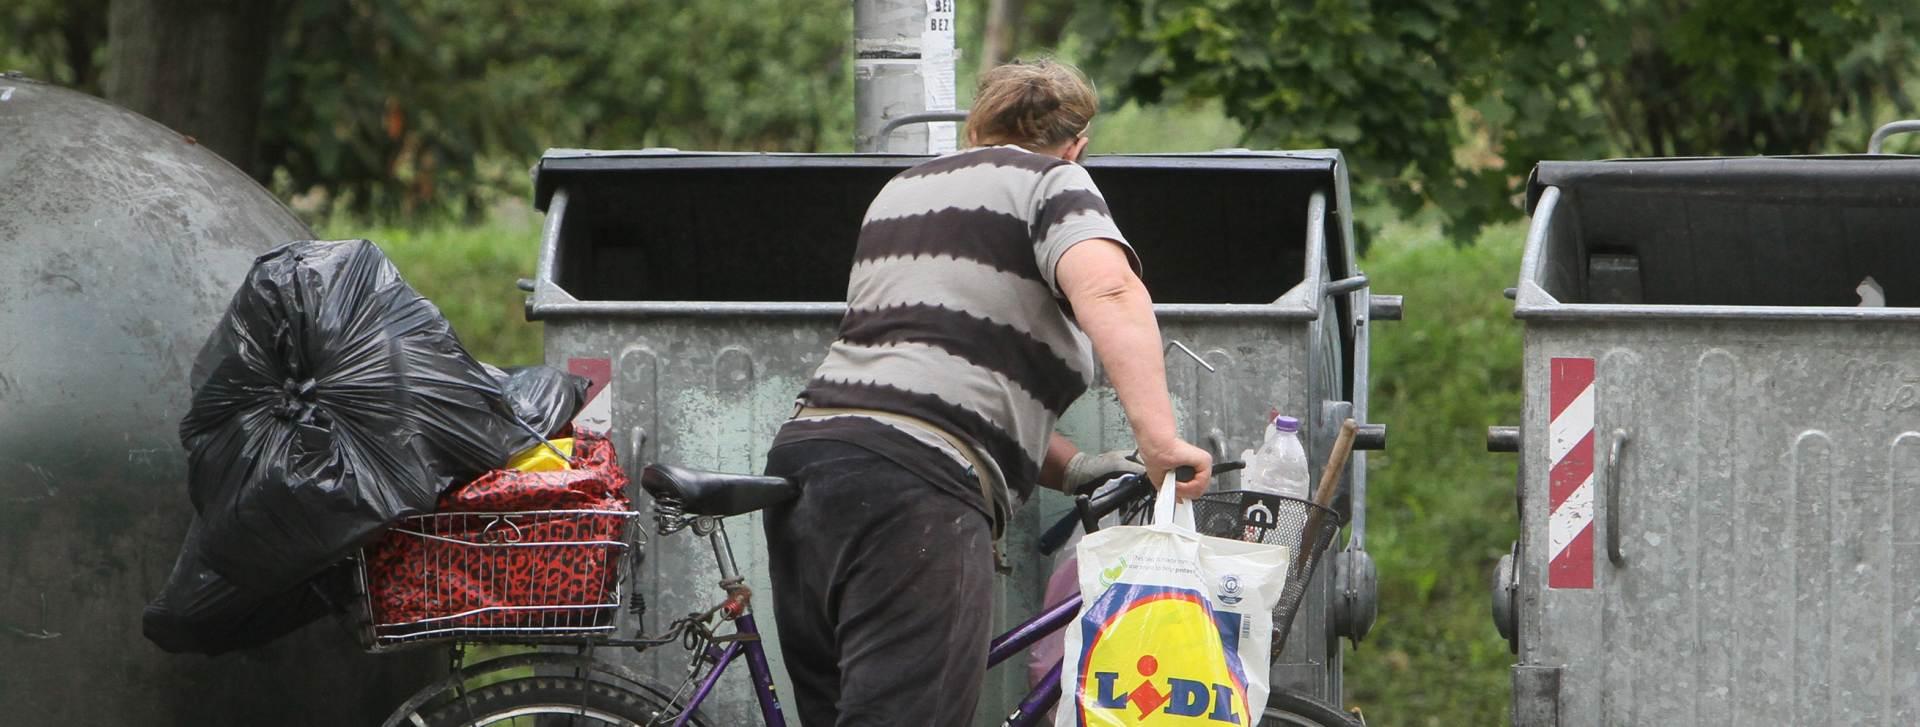 TUŽNE BROJKE: Europa baca oko 22 milijuna tona hrane godišnje, najgori Britanci